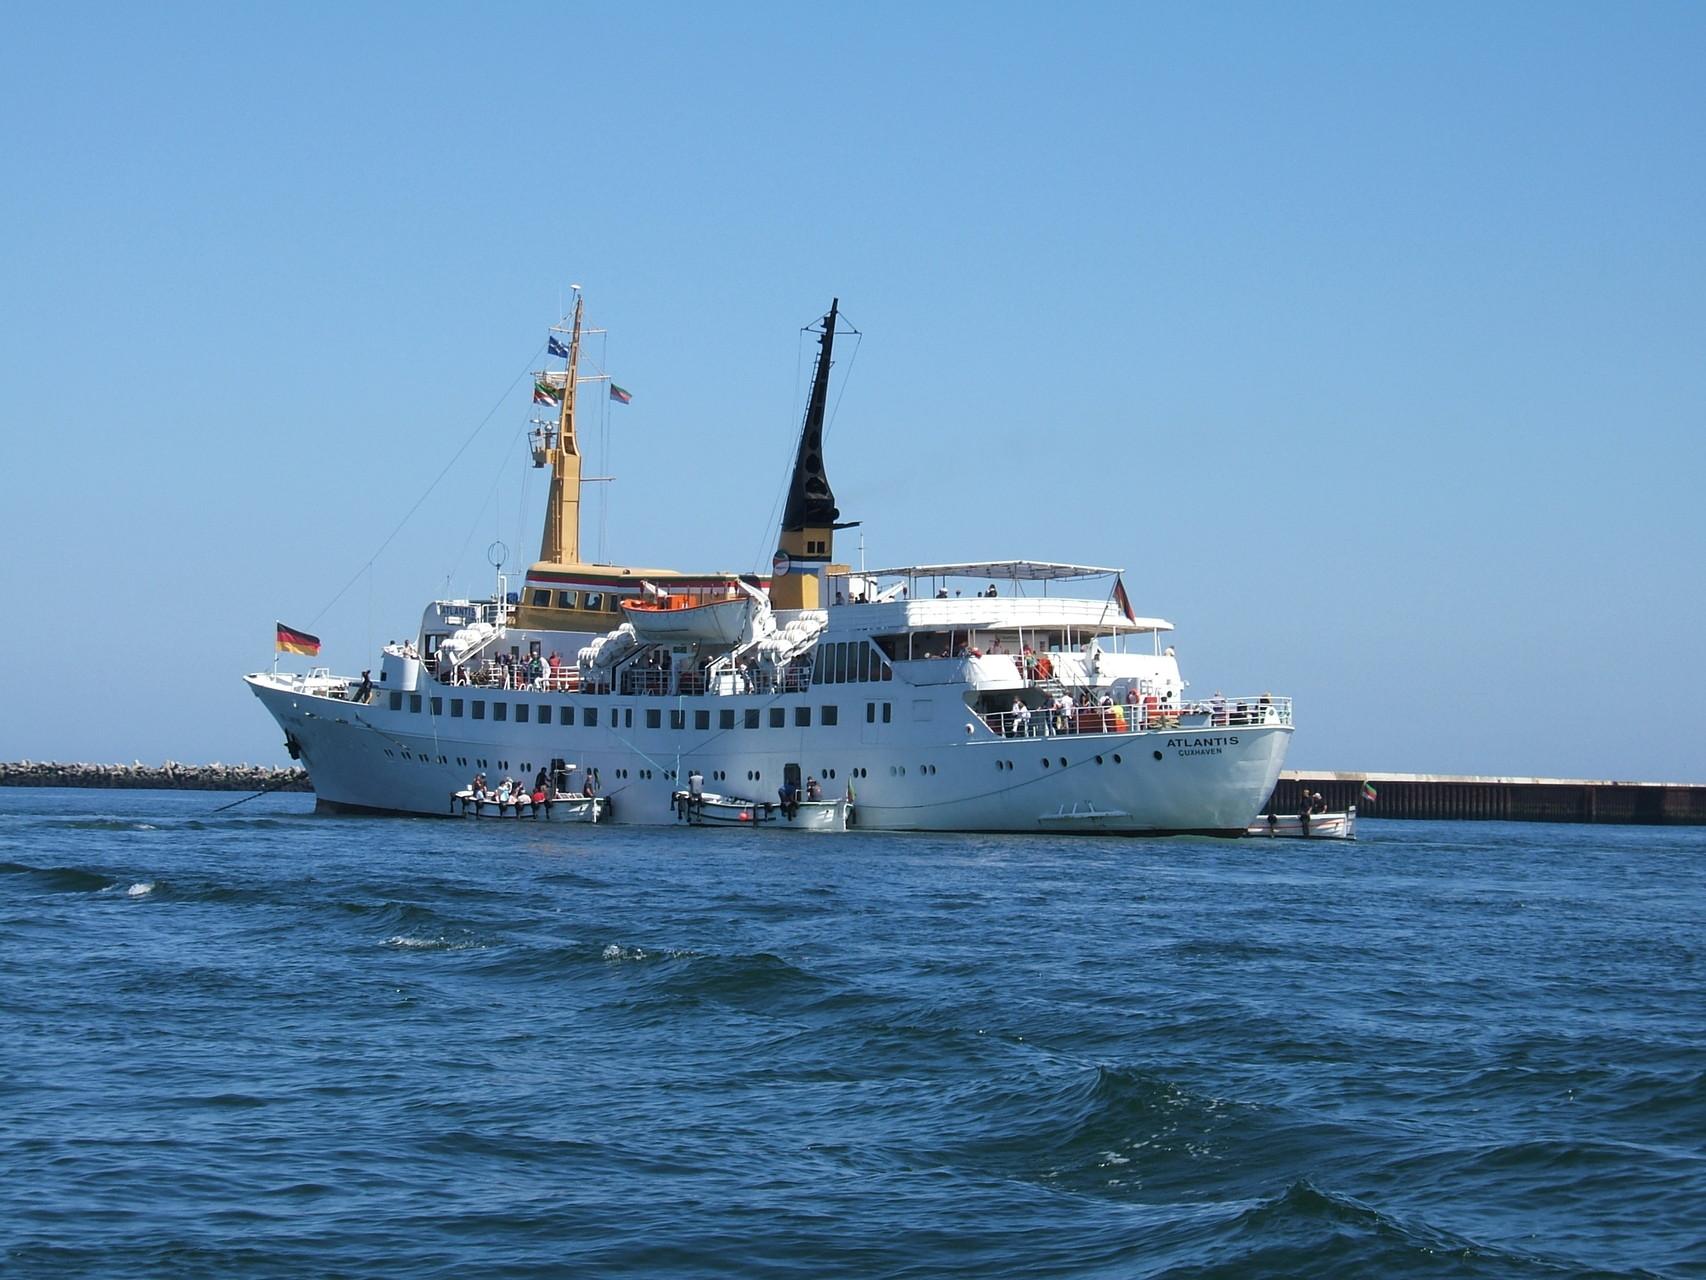 Das ehemalige Seebäderschiff MS Atlantis der Reederei Cassen Eils auf der Reede von Helgoland